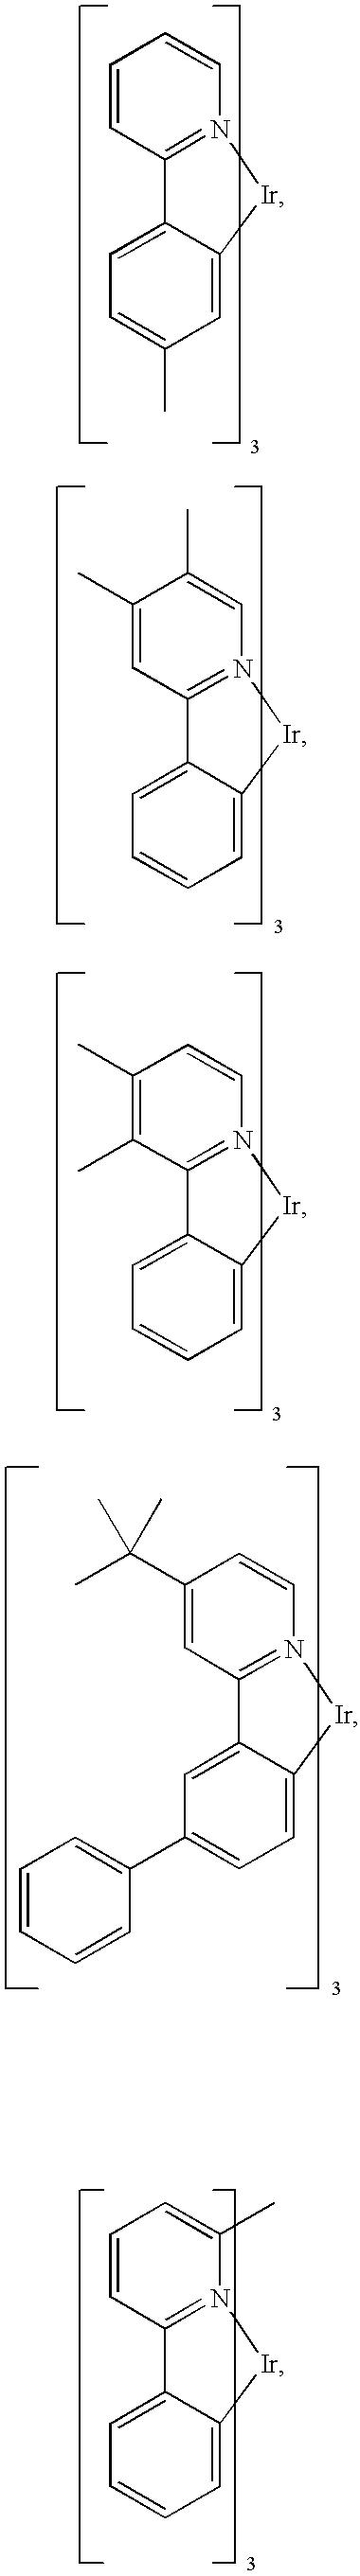 Figure US20070003789A1-20070104-C00127